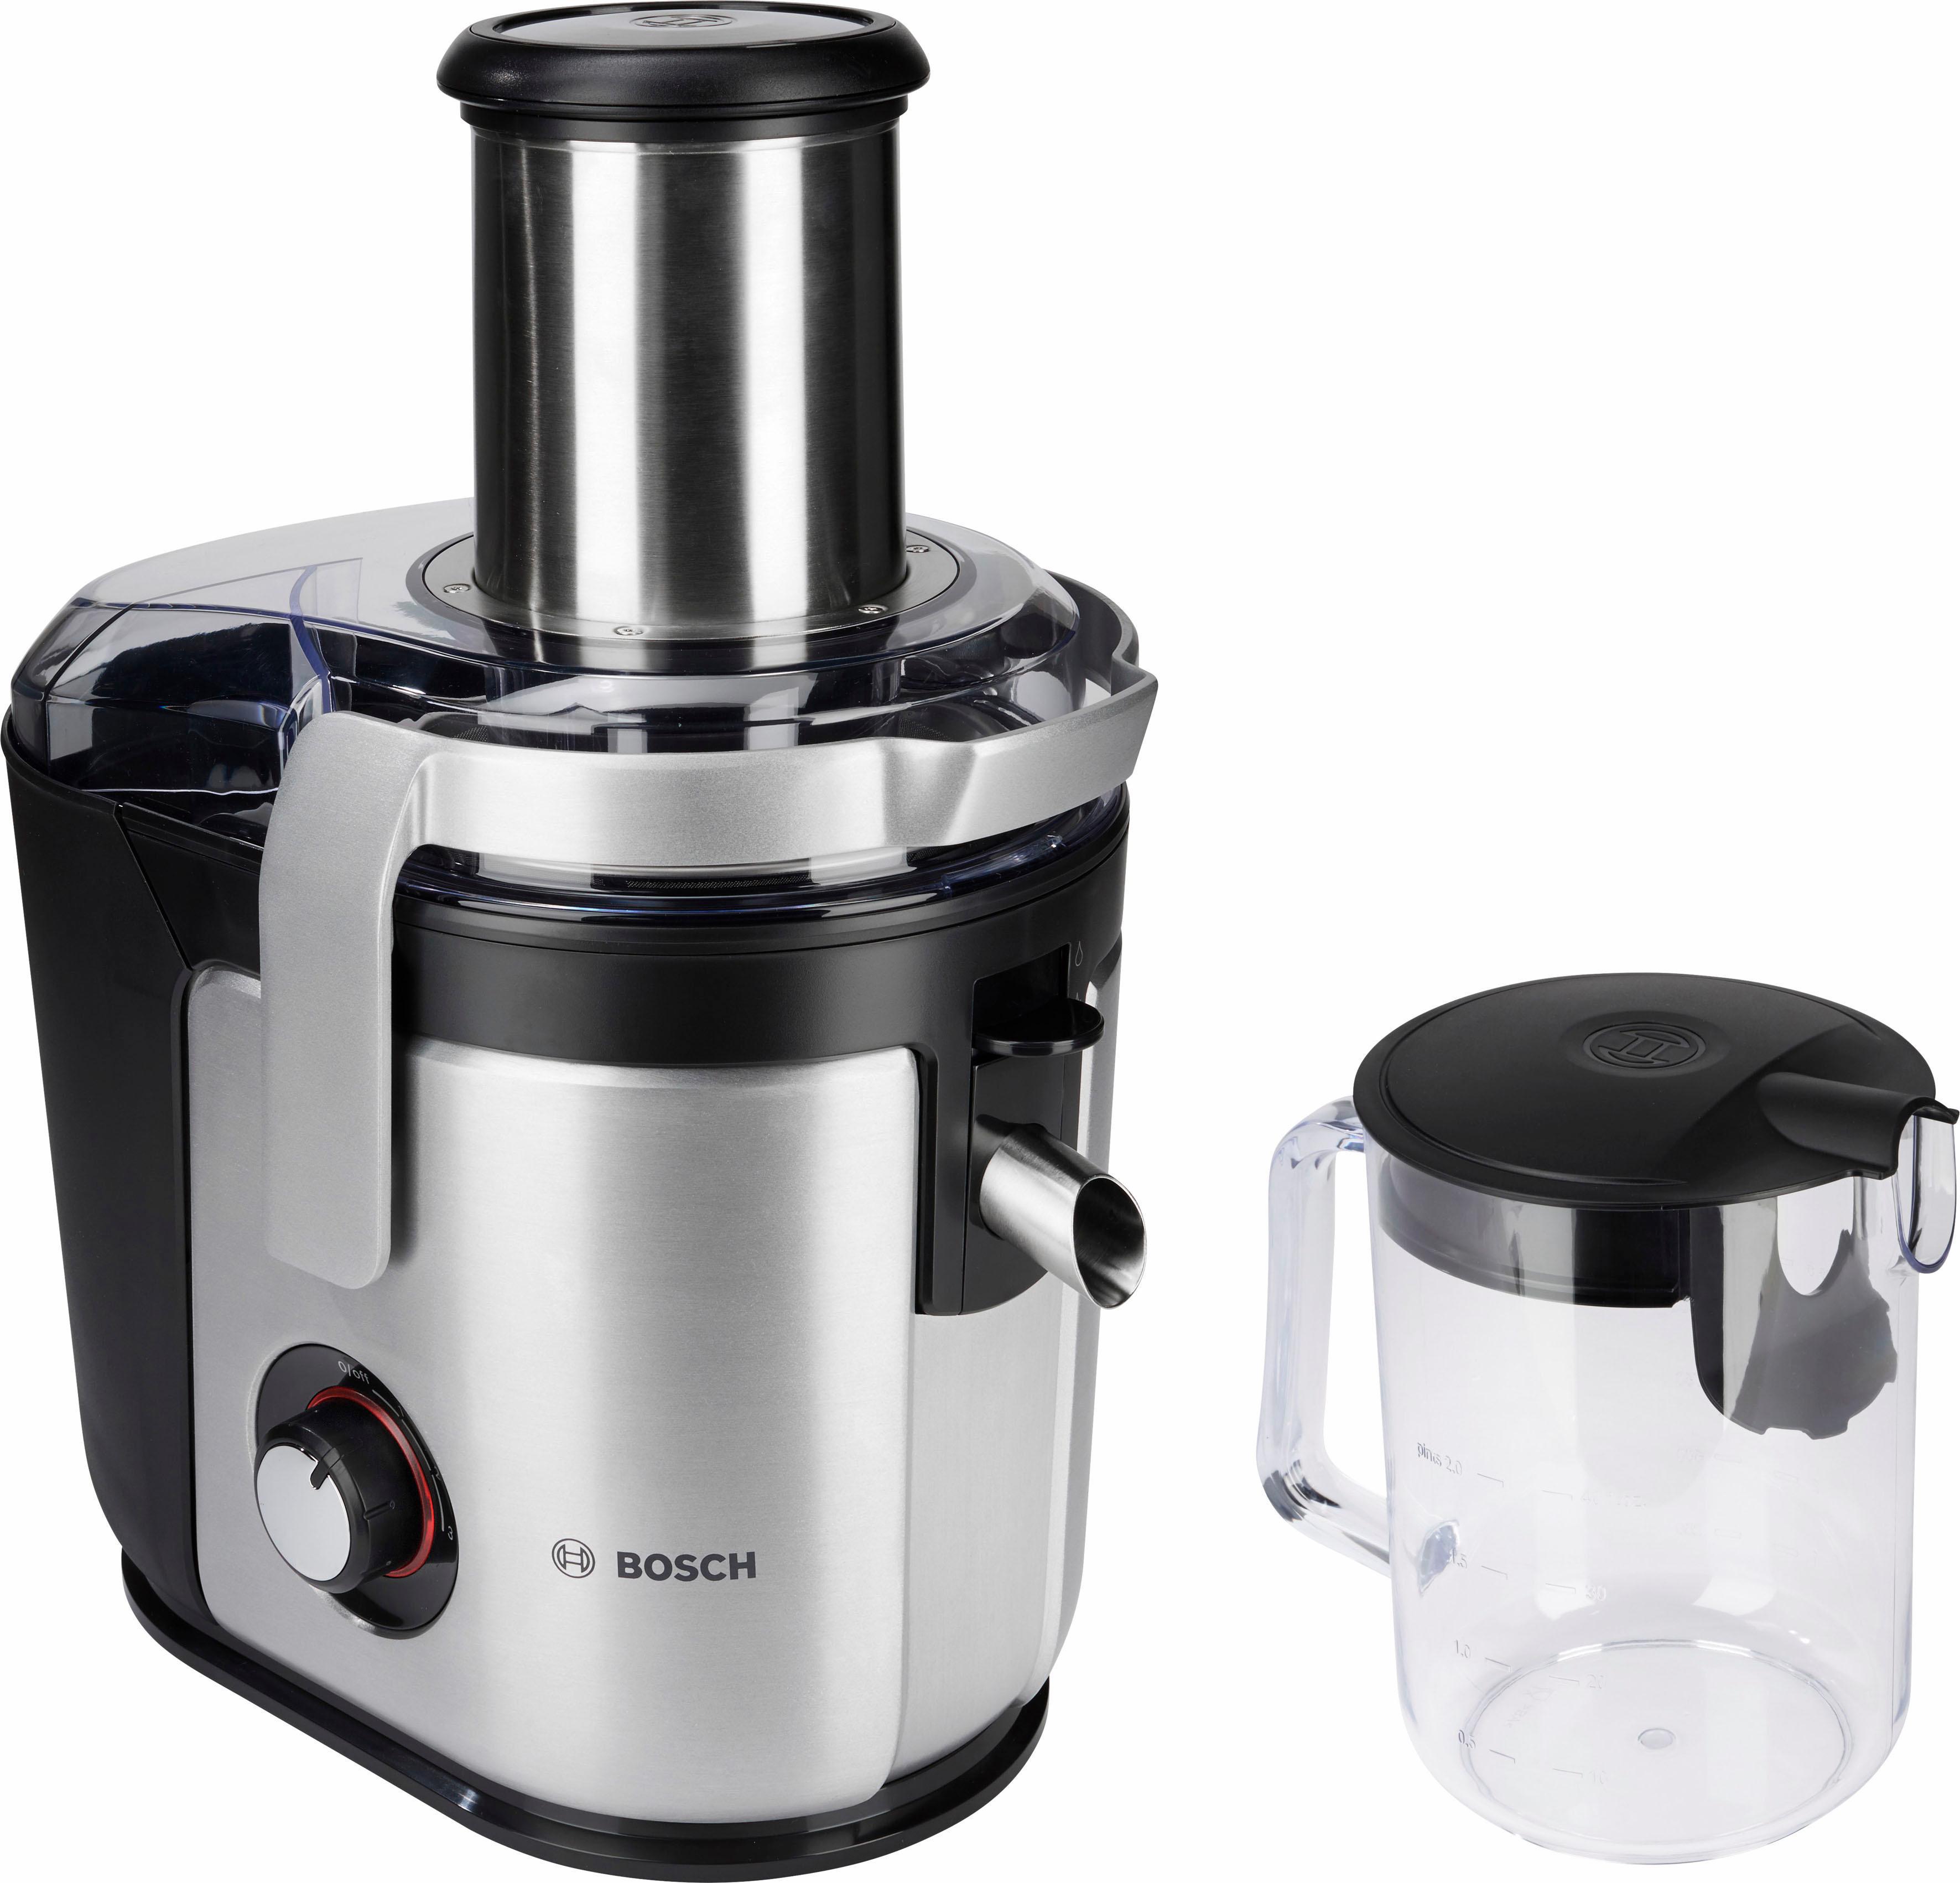 BOSCH Entsafter MES4010, 1200 Watt | Küche und Esszimmer > Küchengeräte > Entsafter | Schwarz | BOSCH